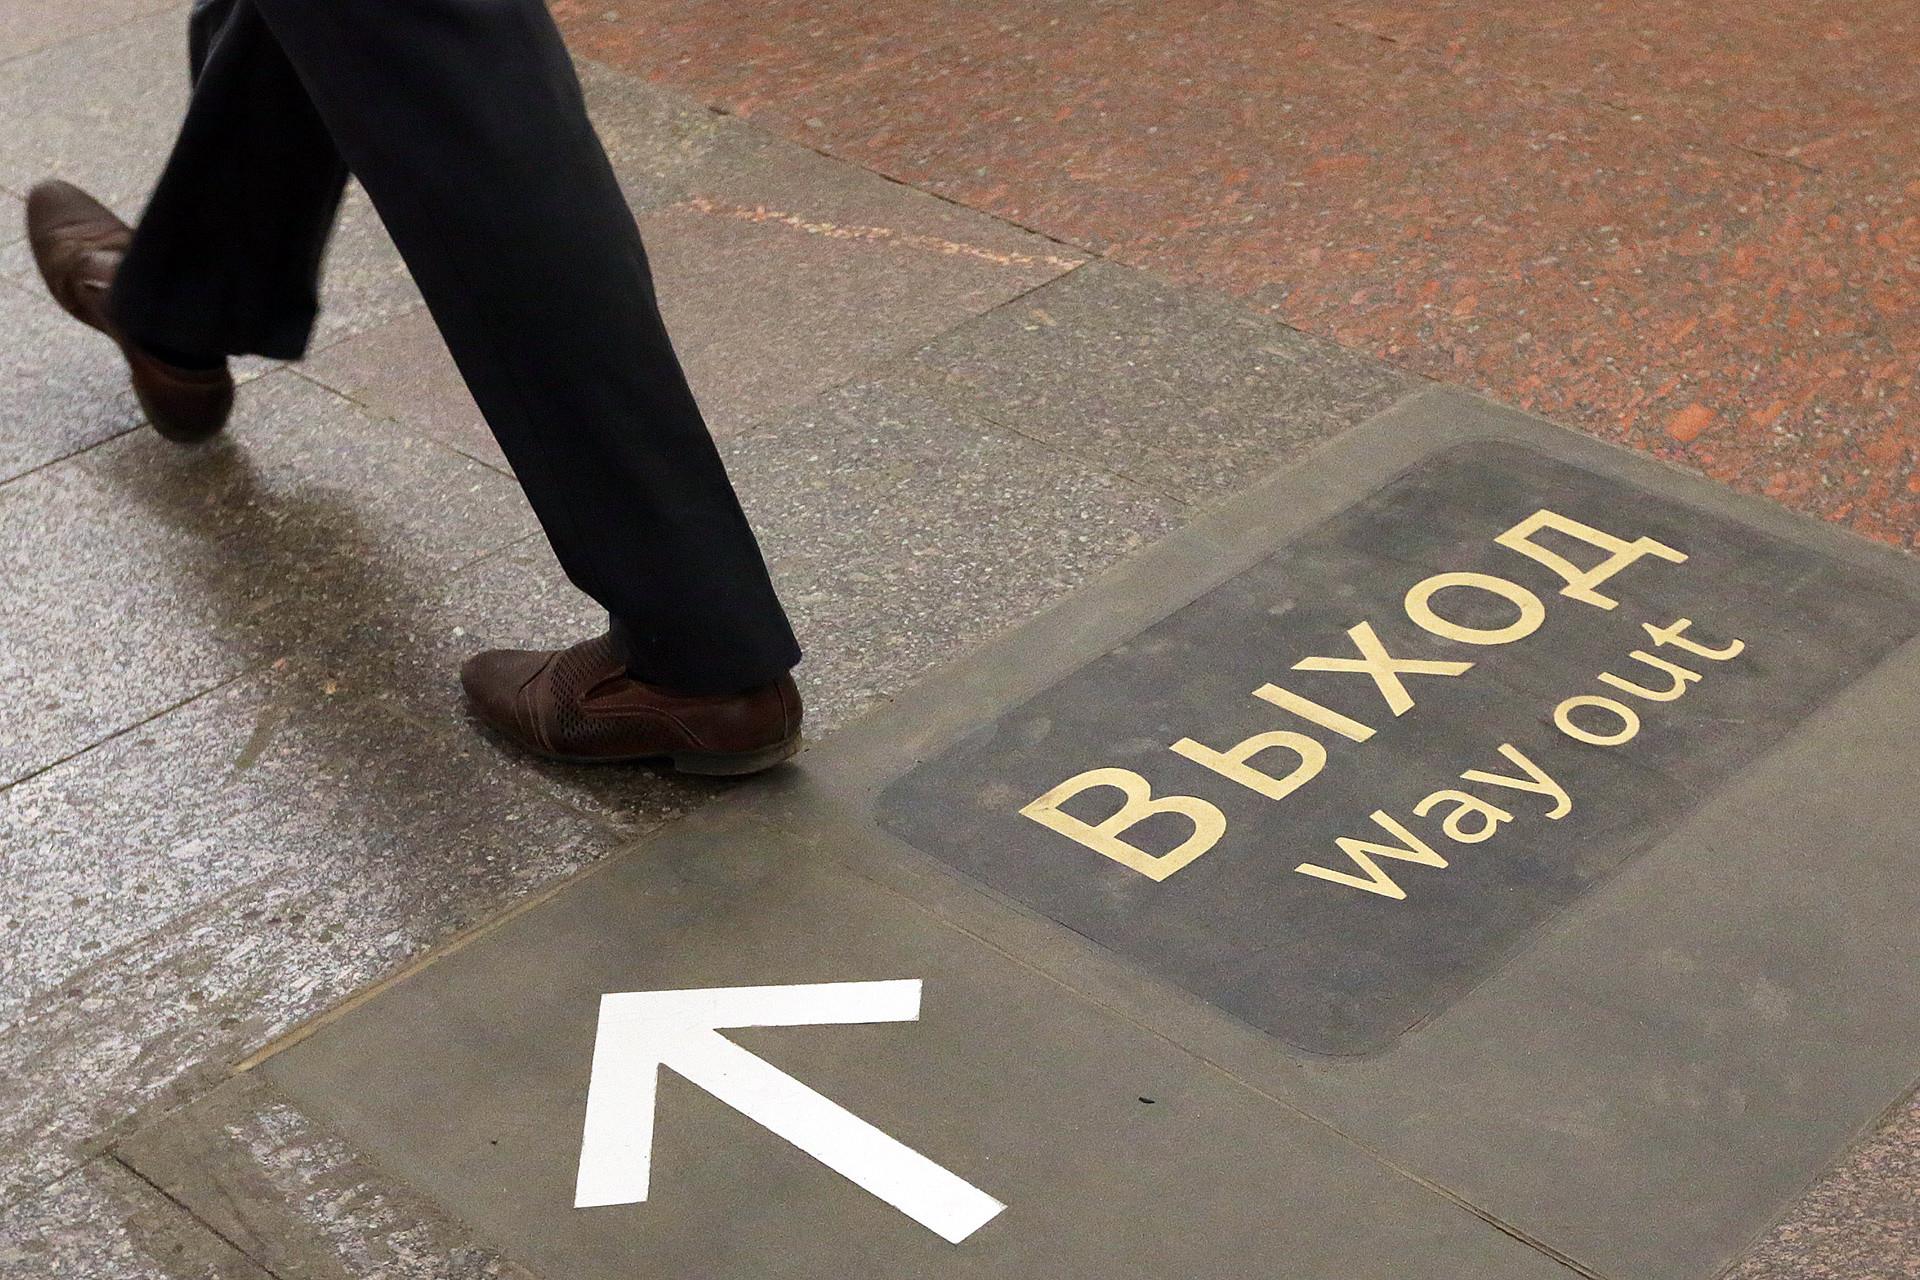 Nov sistem označevanja za potnike na metro postaji Barrikadnaja